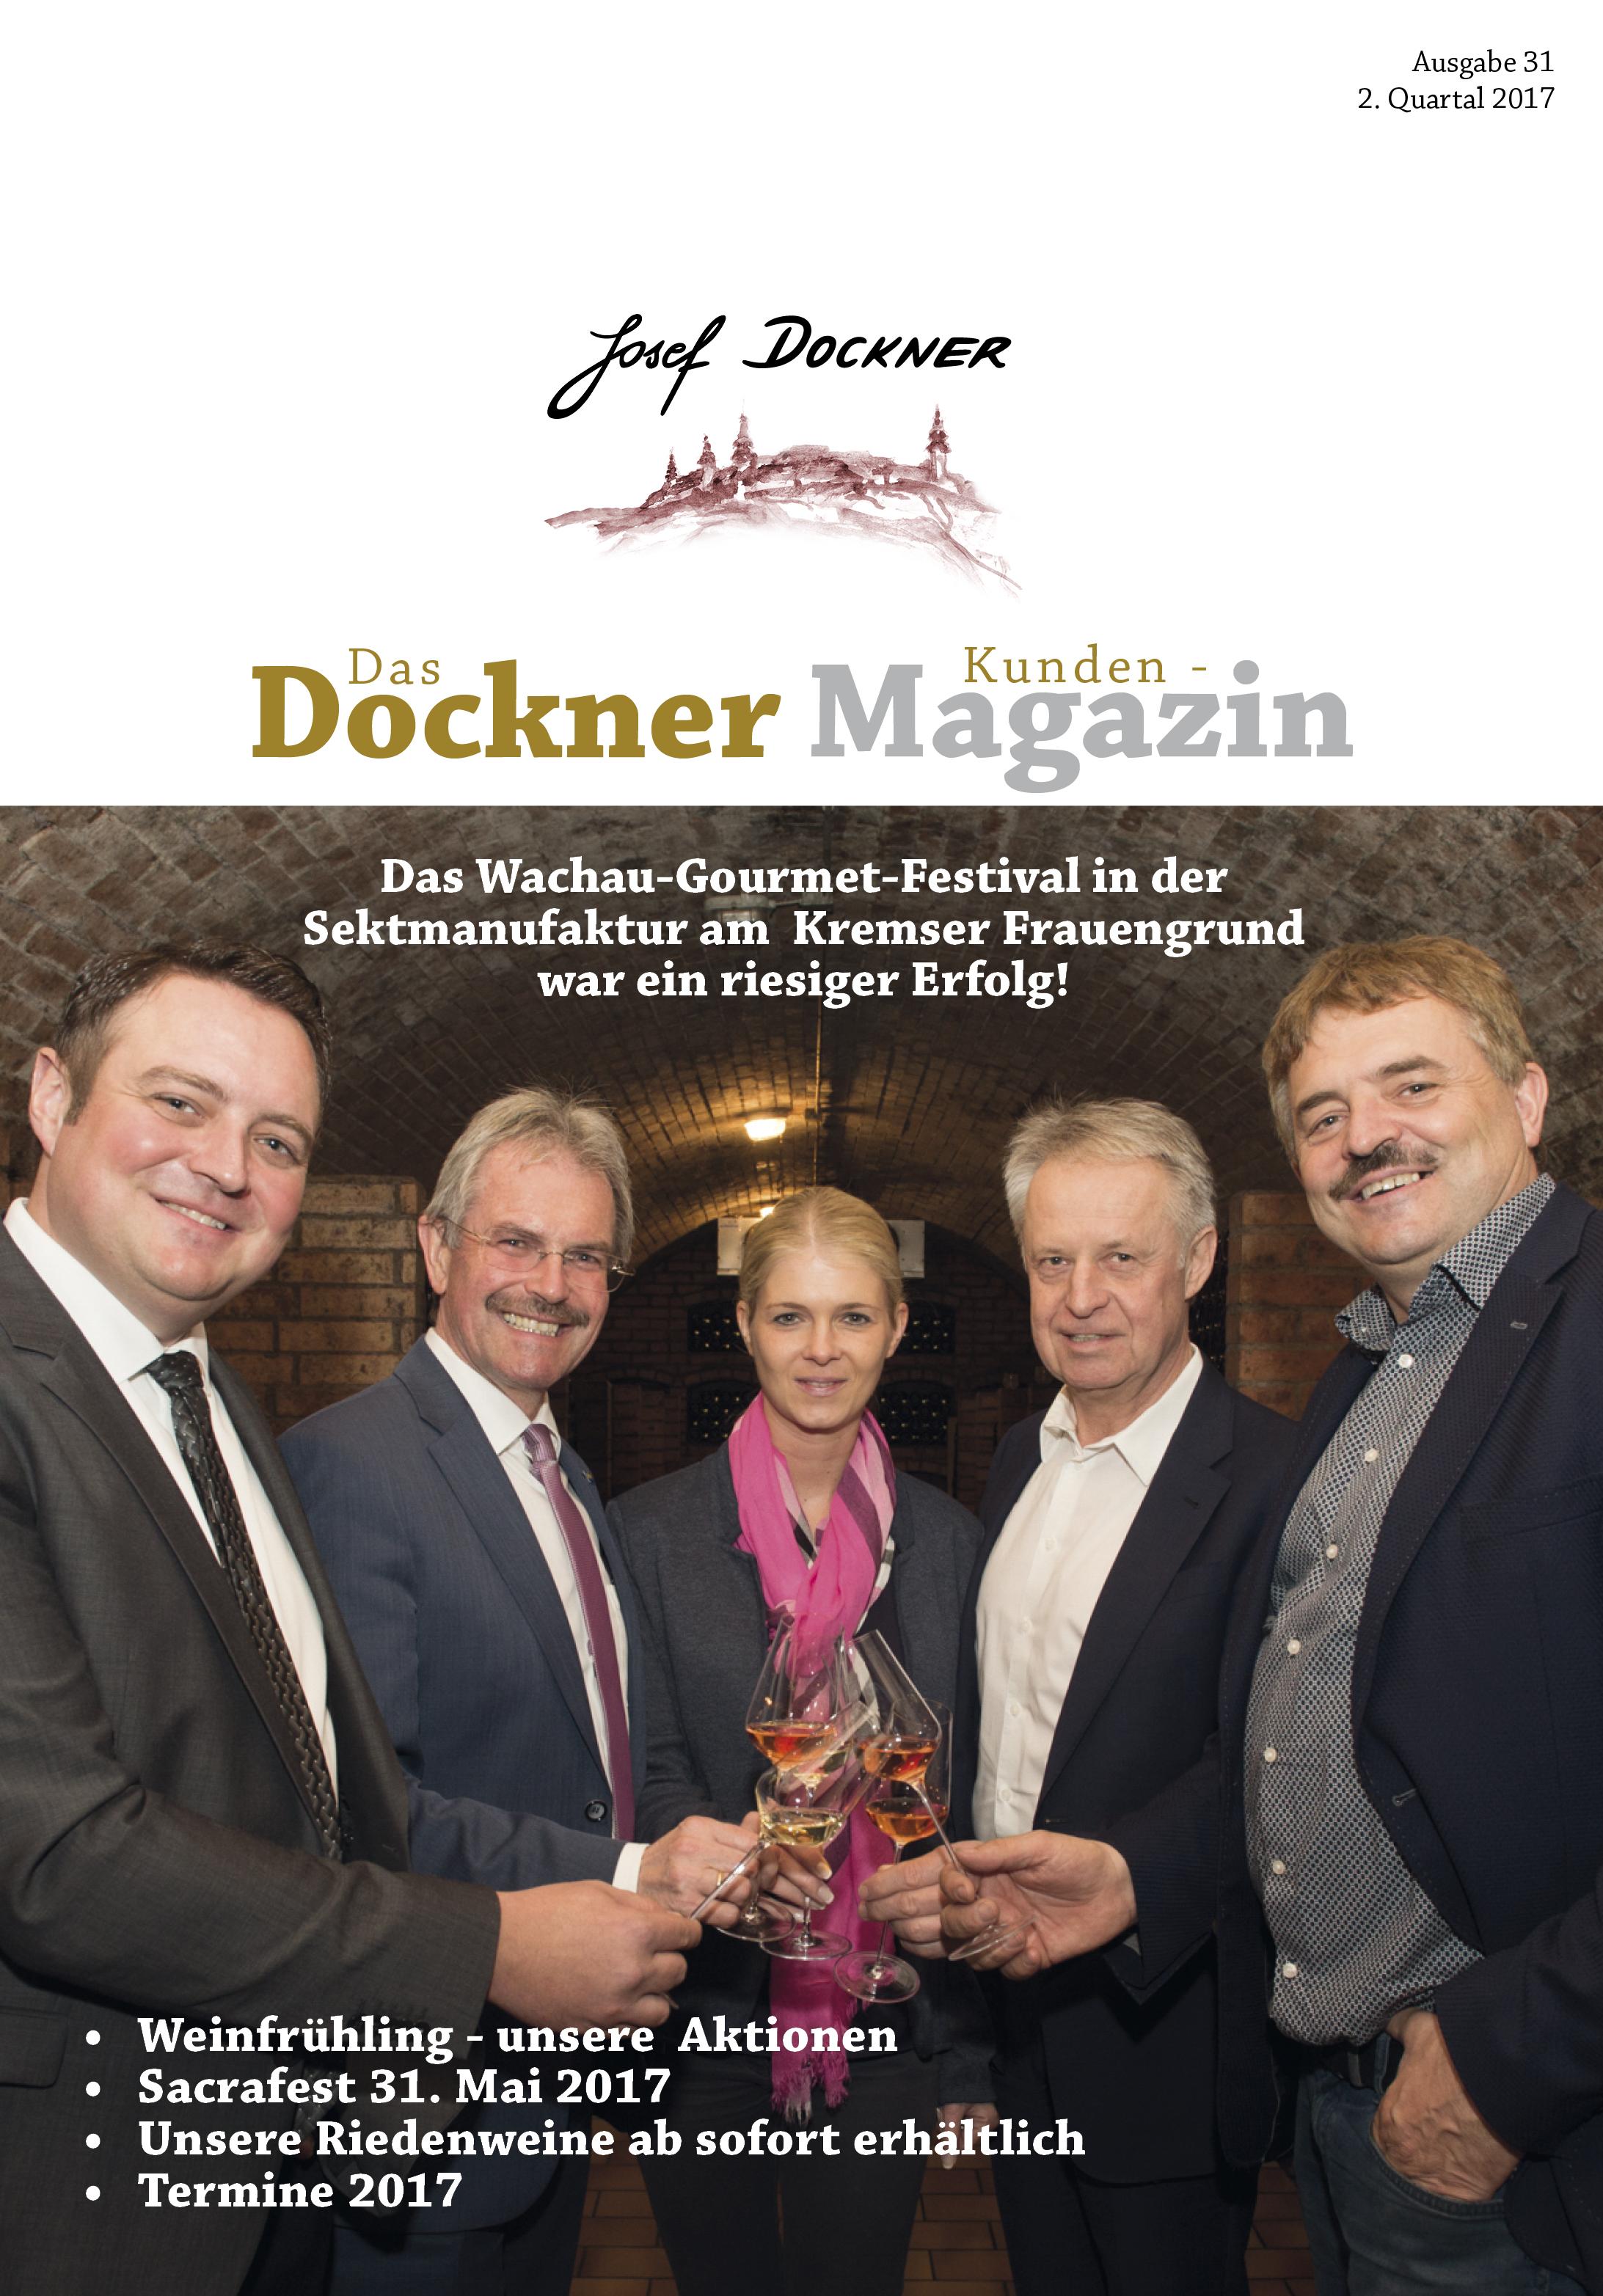 Kundenmagazin April 2017